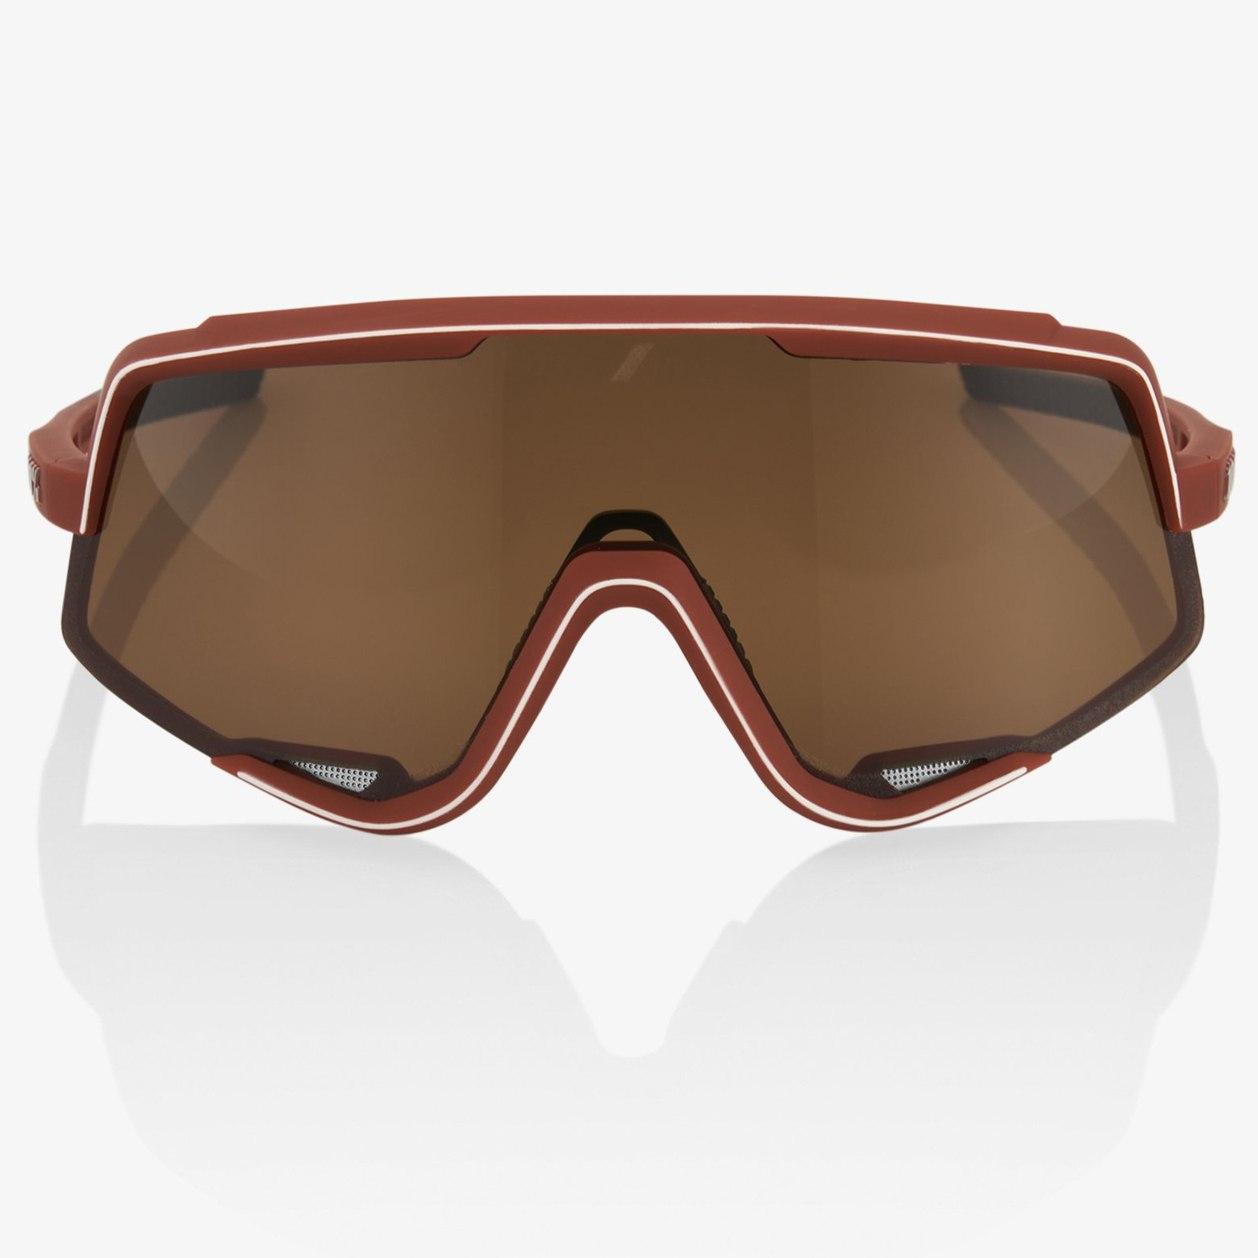 Imagen de 100% Glendale Glasses - Soft Tact Bordeaux/Soft Bronze + Clear